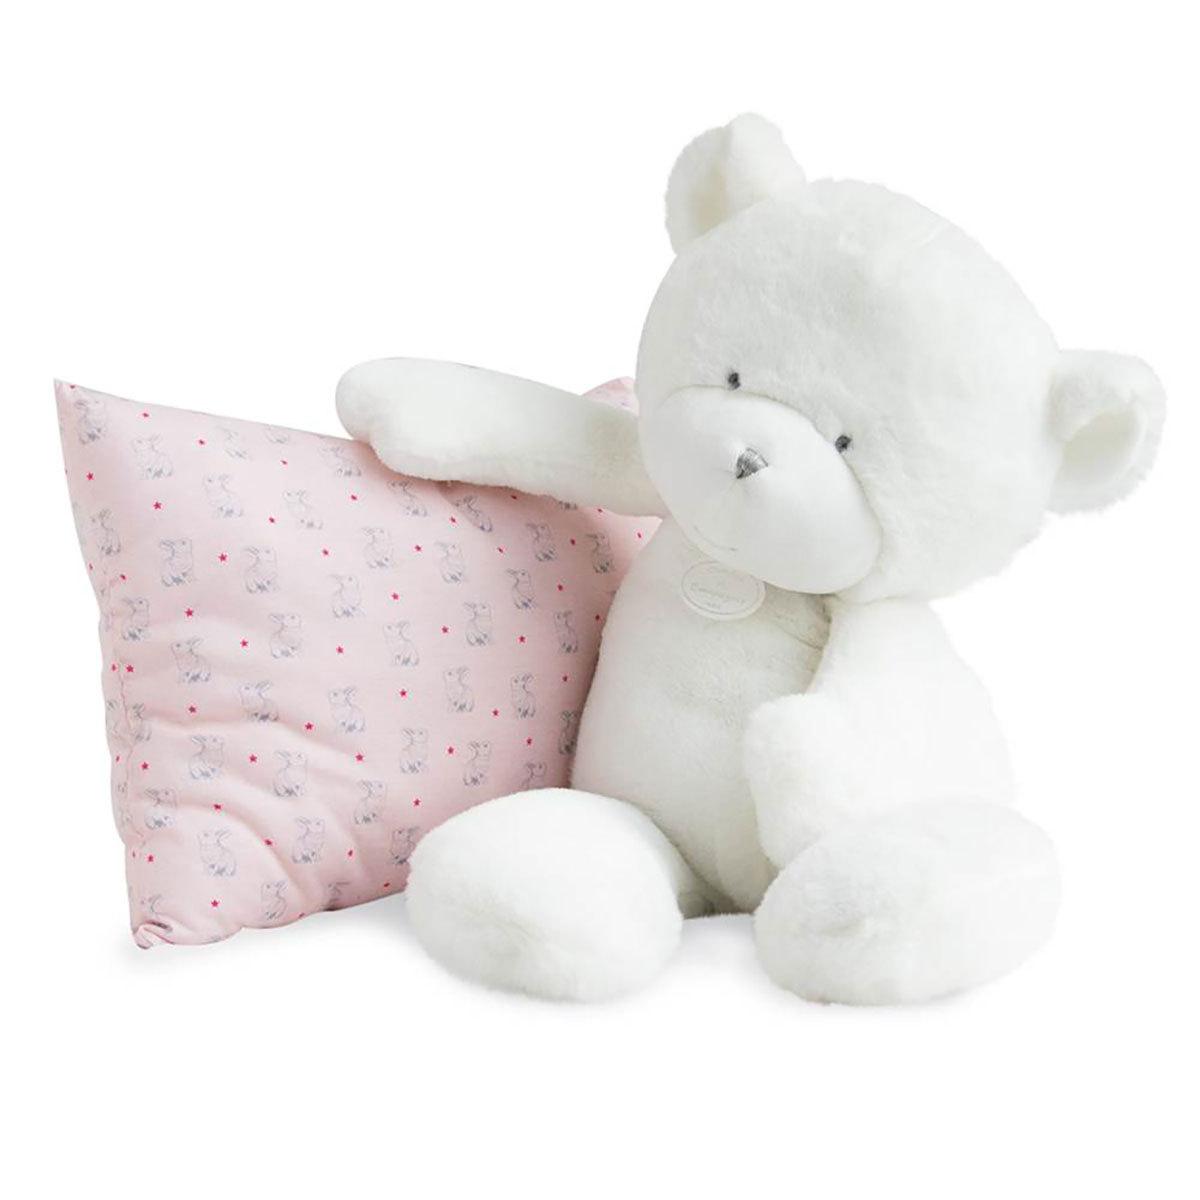 Doudou Le Doudou - Ours Blanc 50 cm Le Doudou - Ours Blanc 50 cm